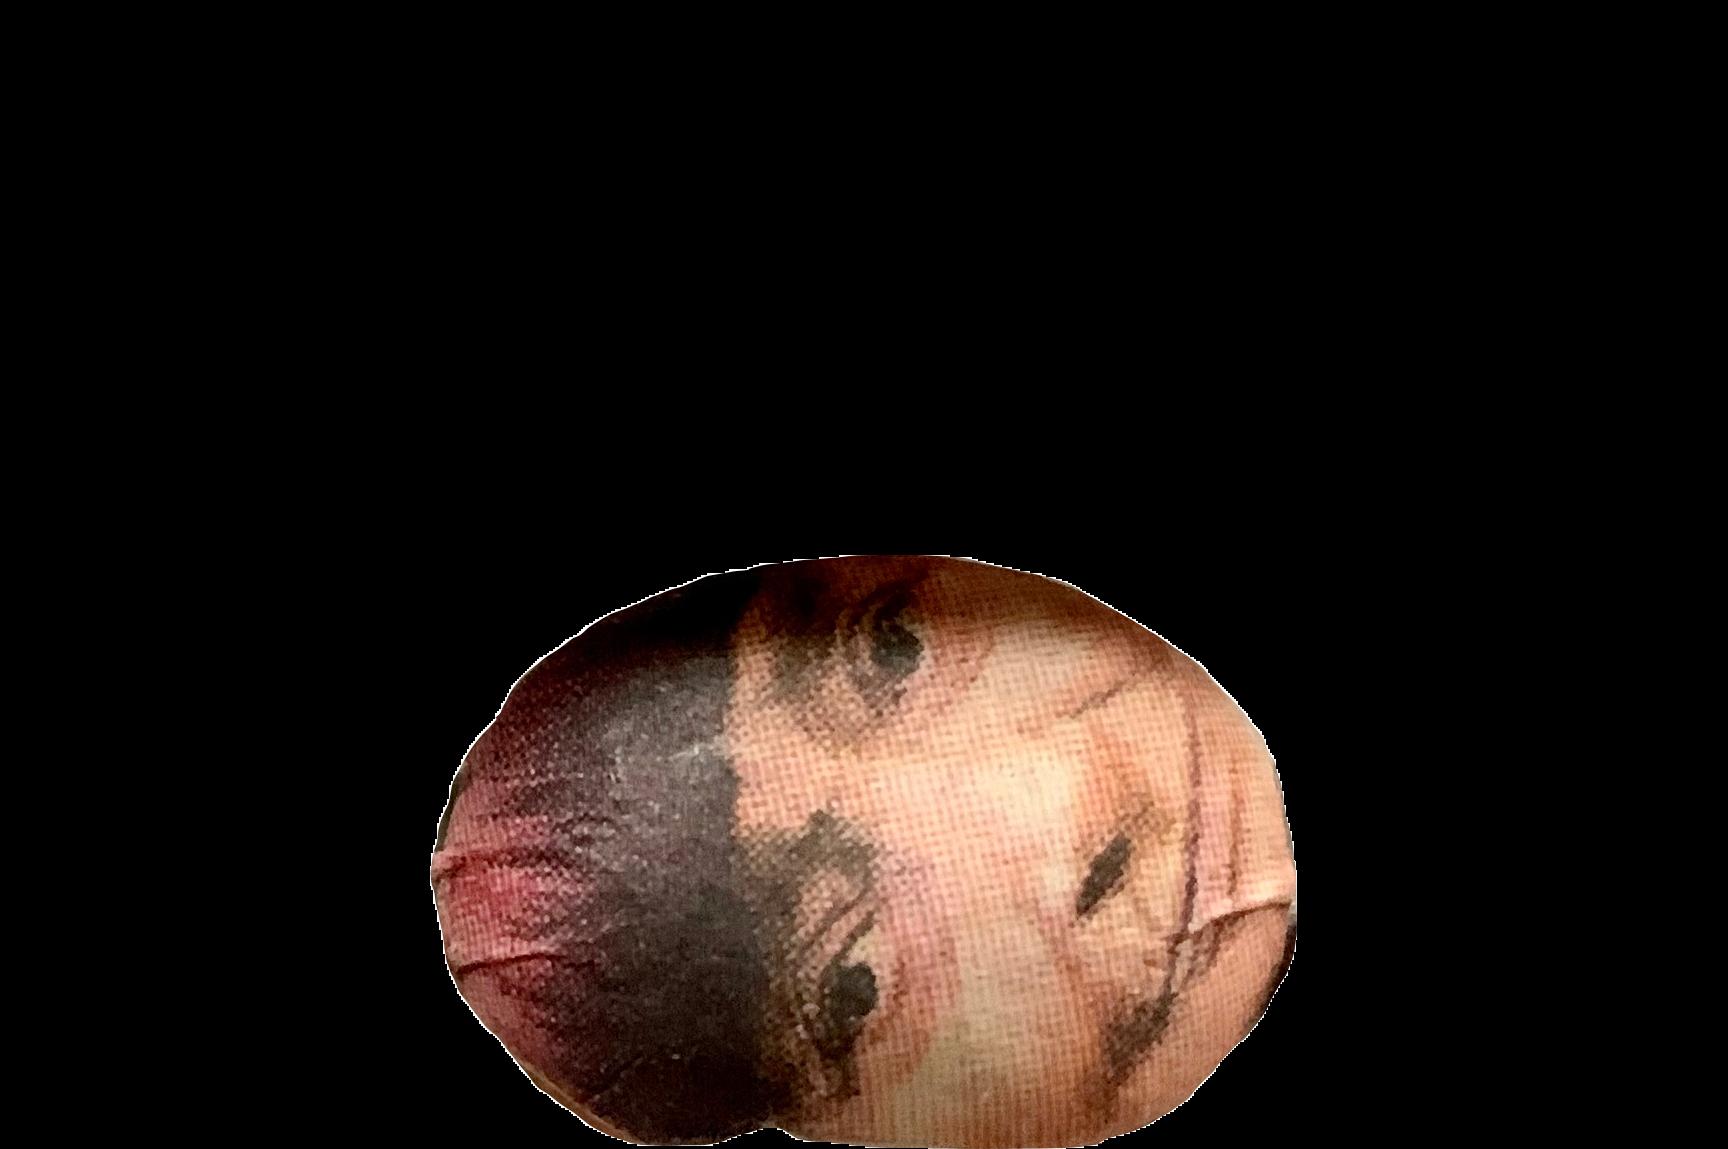 2019-11-11-041Agnes_edited